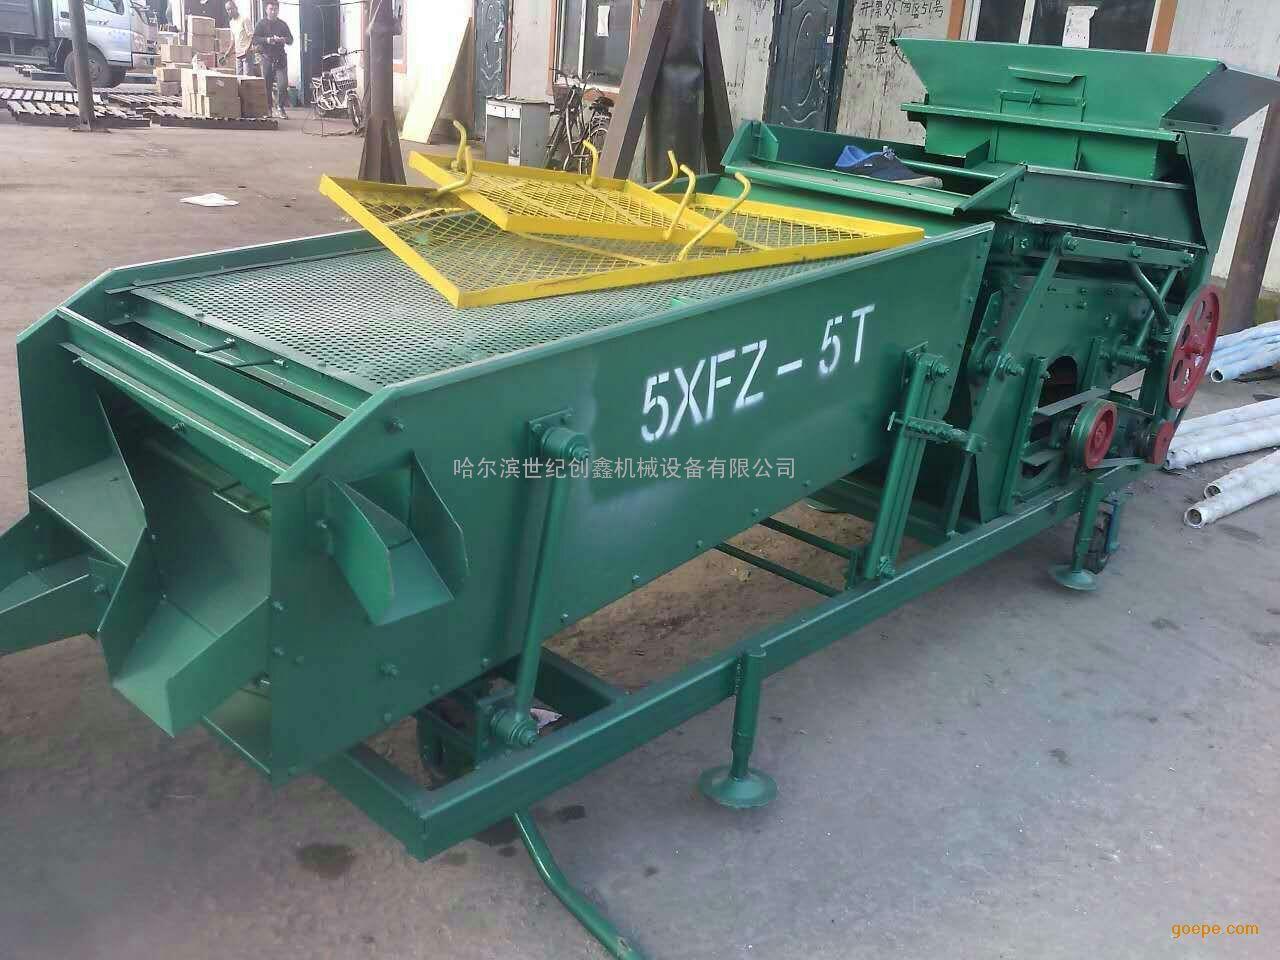 黑��江哈���I世�o��鑫5XZF-5小型玉米�Y子 ��I生�a�|量可靠